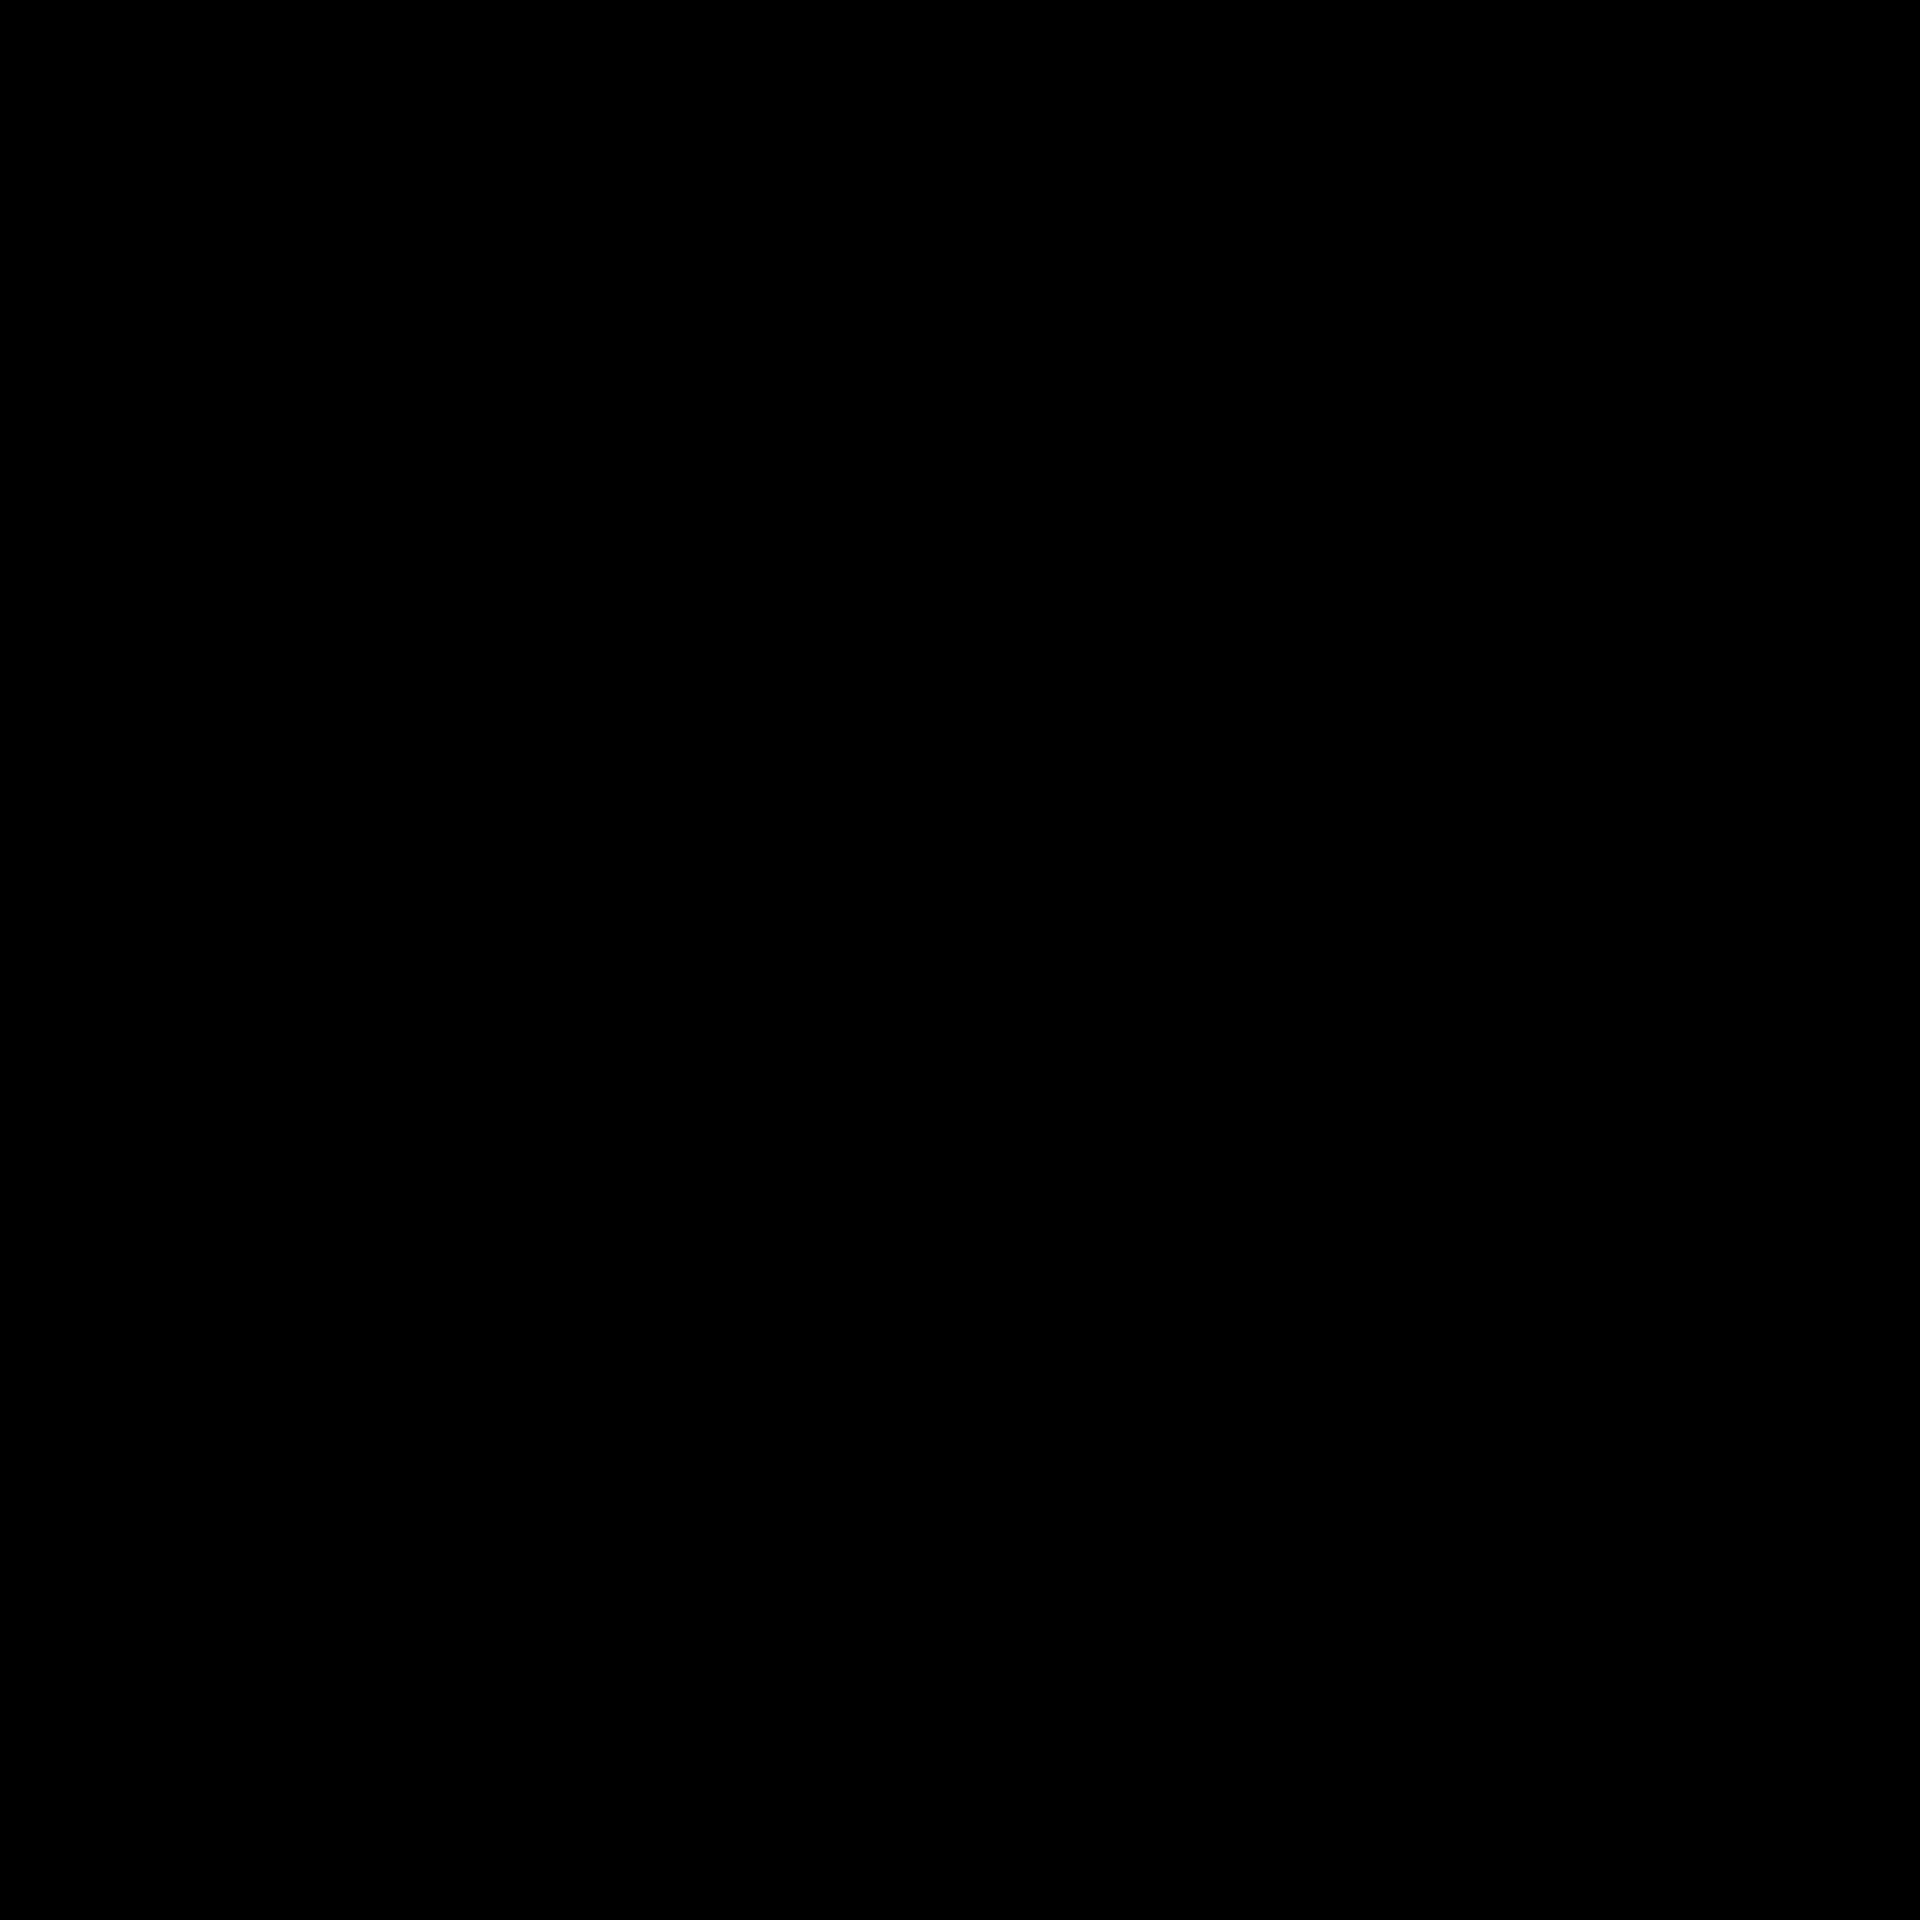 Crest Logo della Repubblica Italiana